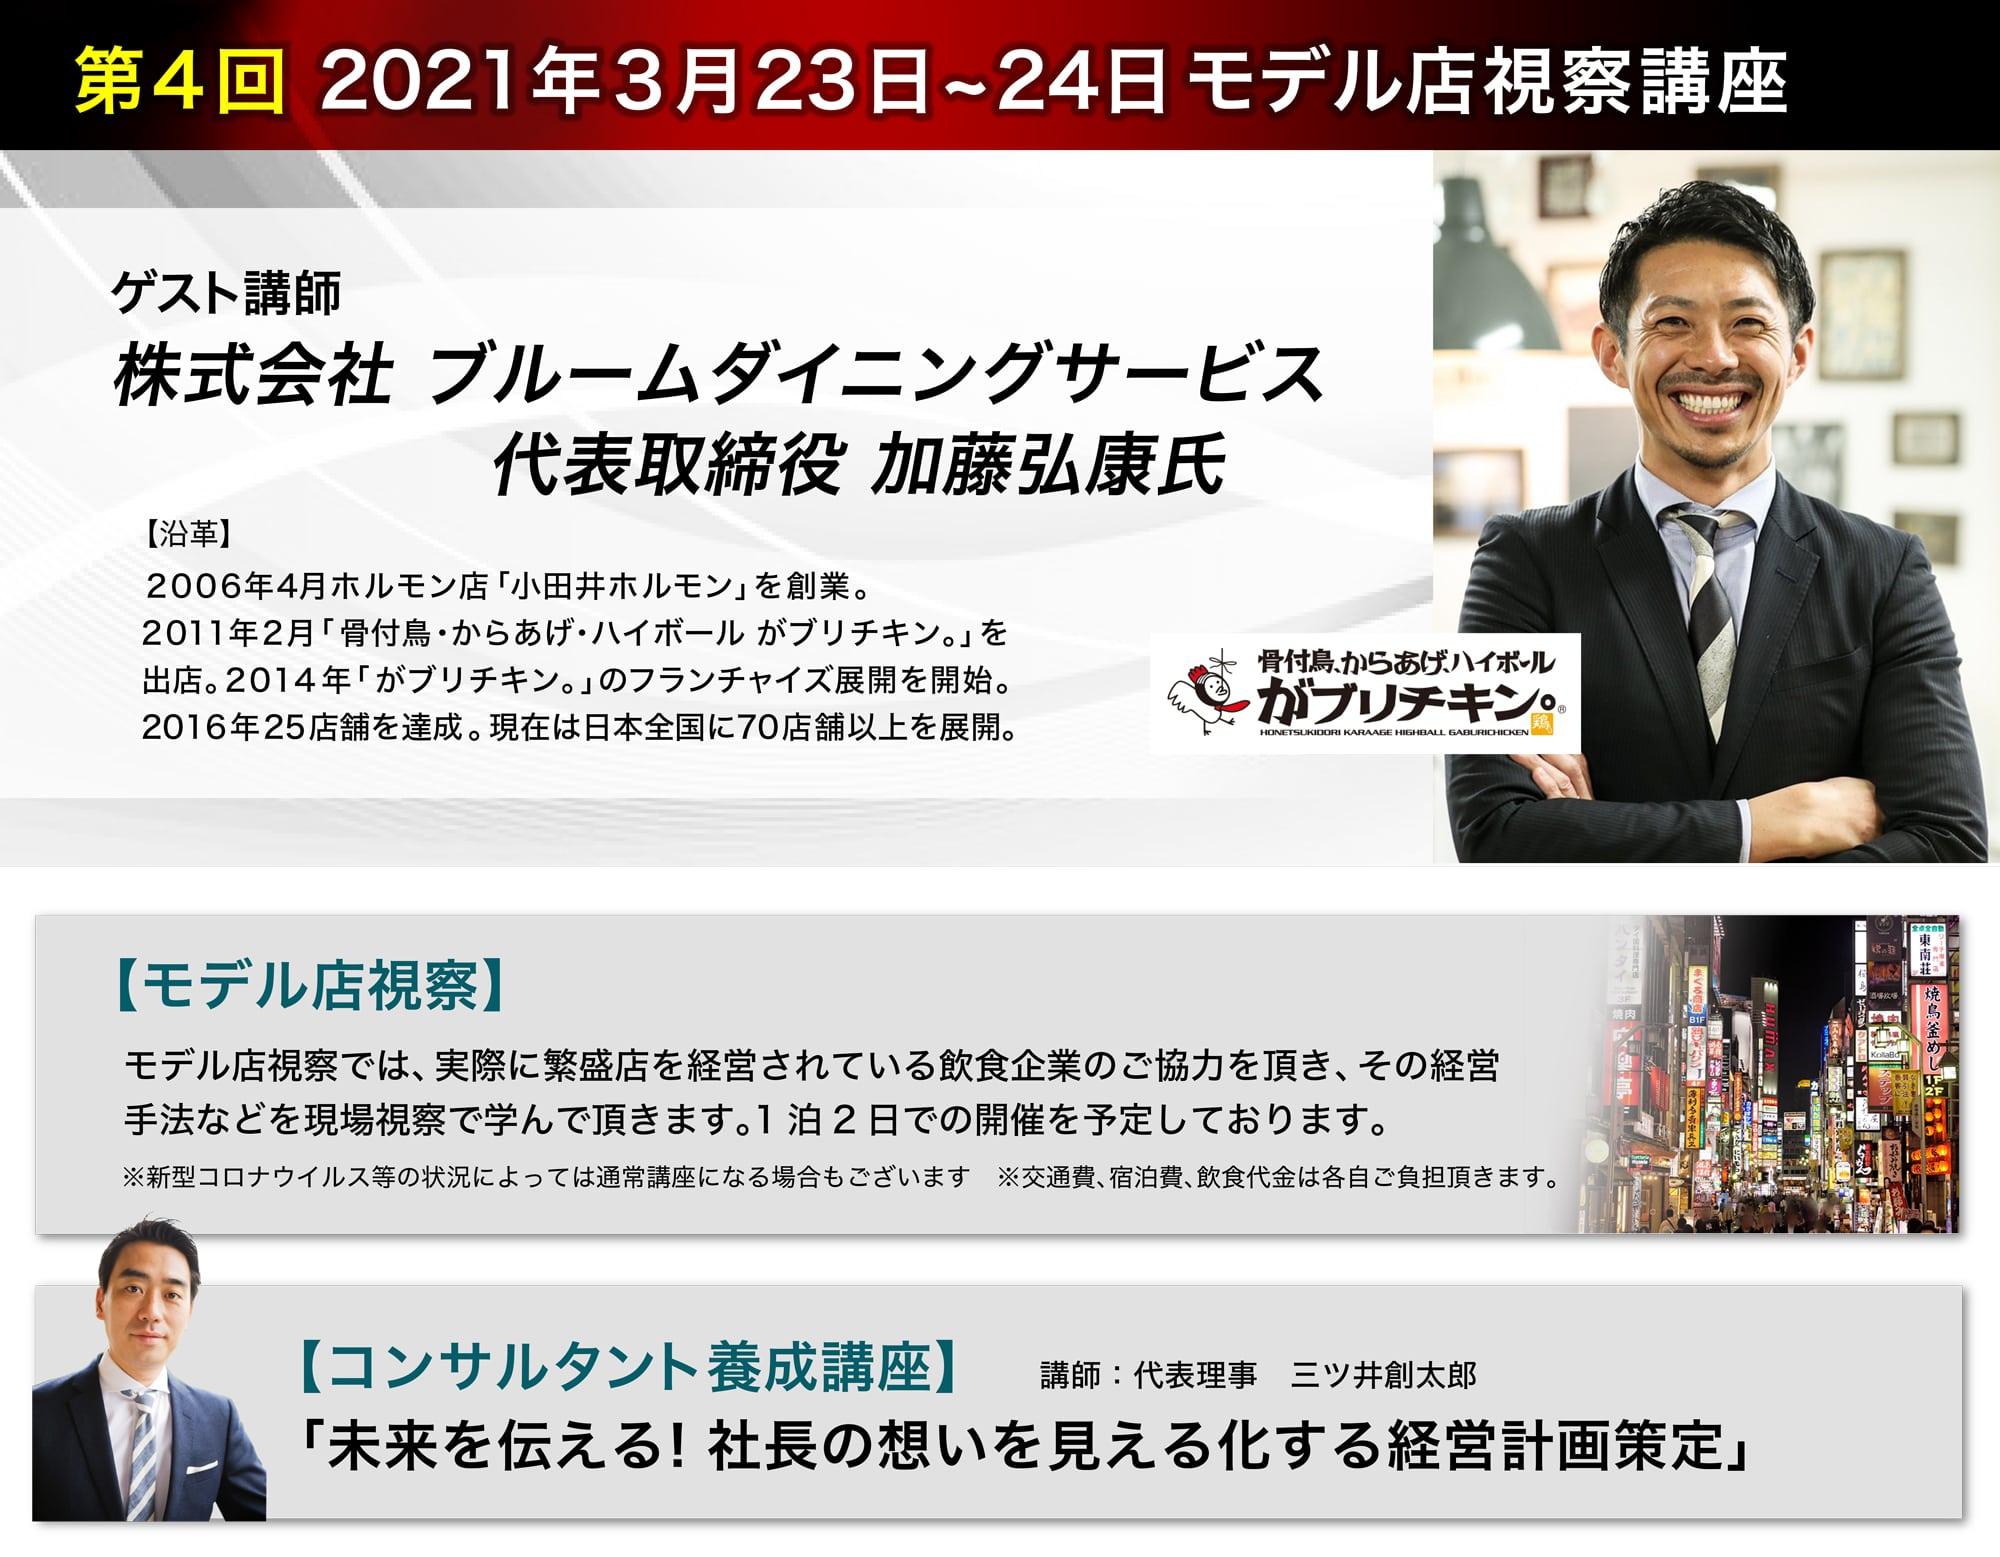 【第四回ゲスト講師】株式会社ブルームダイニングサービス 代表取締役 加藤弘康氏